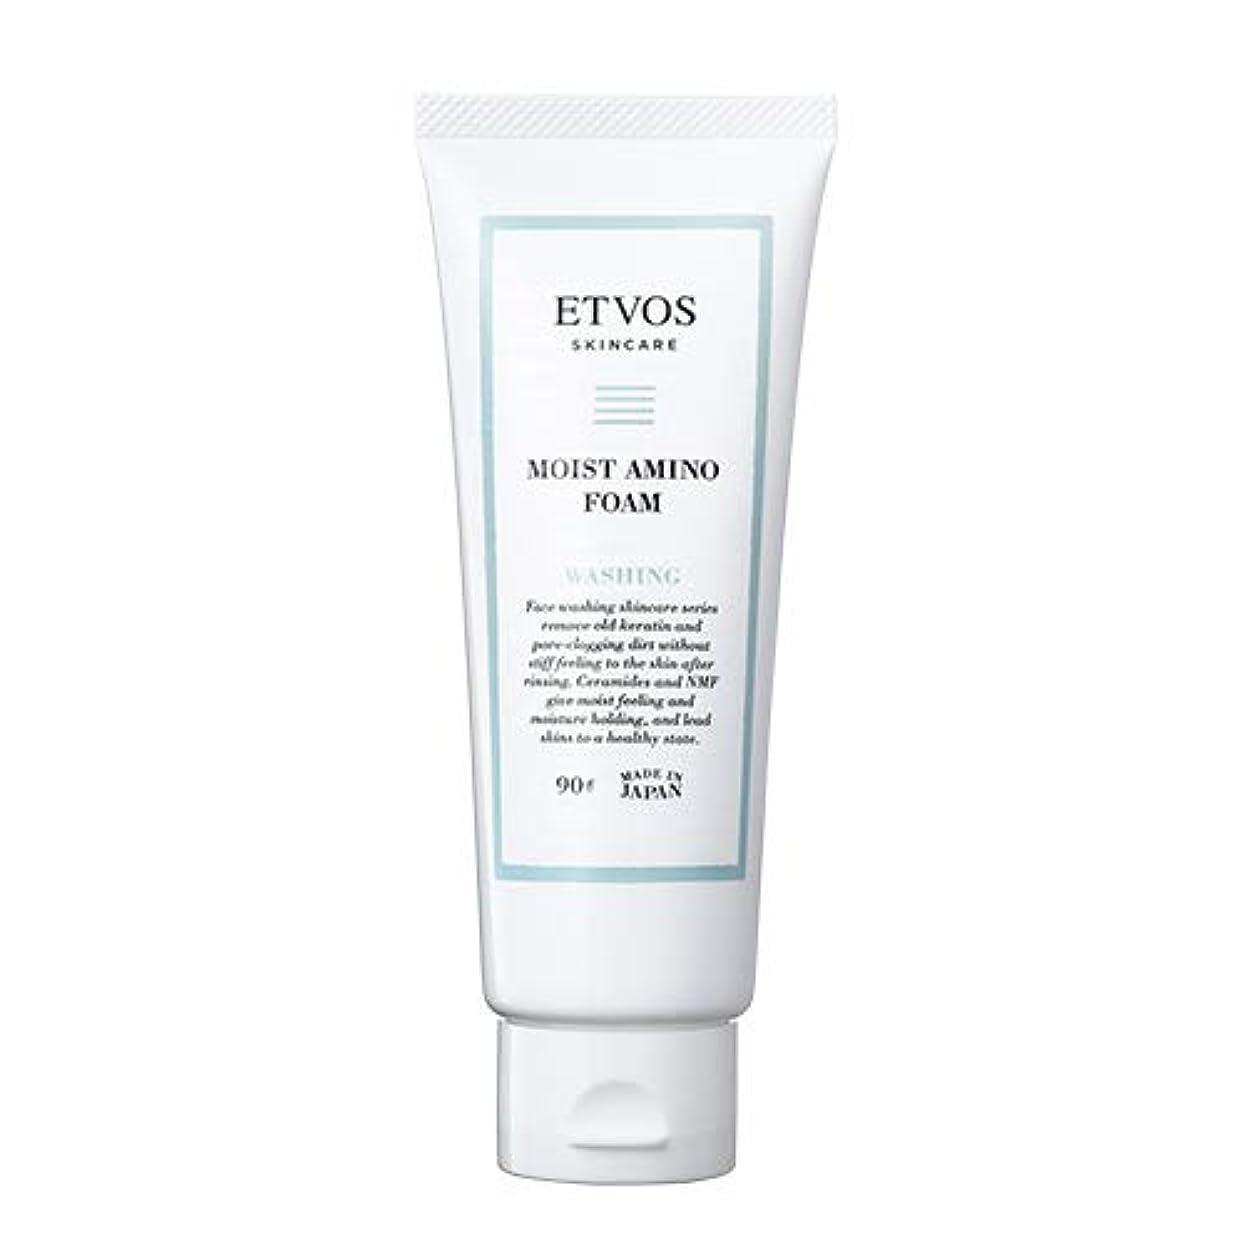 ETVOS(エトヴォス) 洗顔フォーム モイストアミノフォーム 90g ヒト型セラミド アミノ酸系 乾燥肌/敏感肌